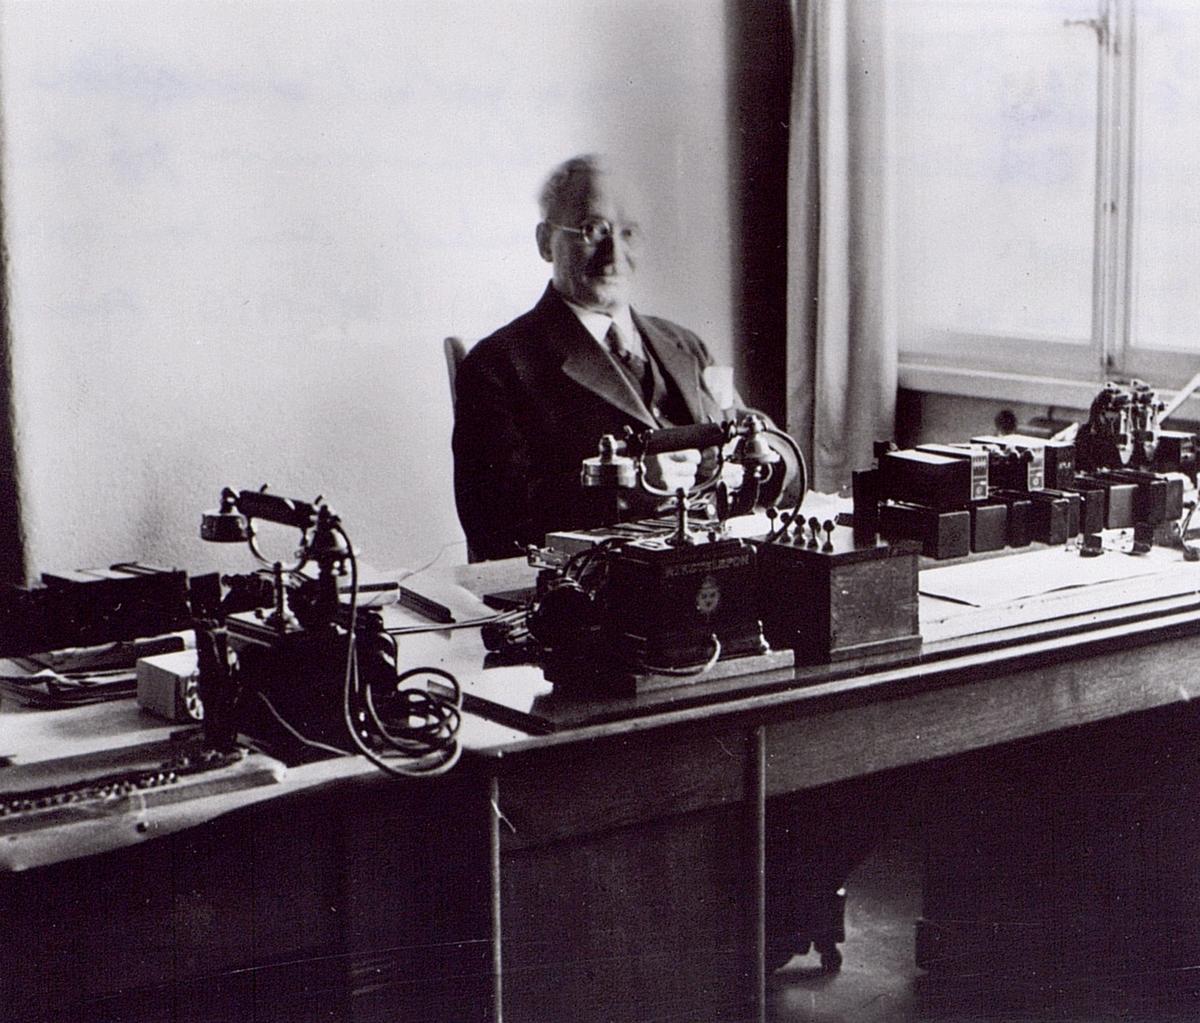 Ingenjör G.A. Betulander i sitt tjänsterum på telegrafverket, där han var anställd 1891-1910 samt 1920-1936.